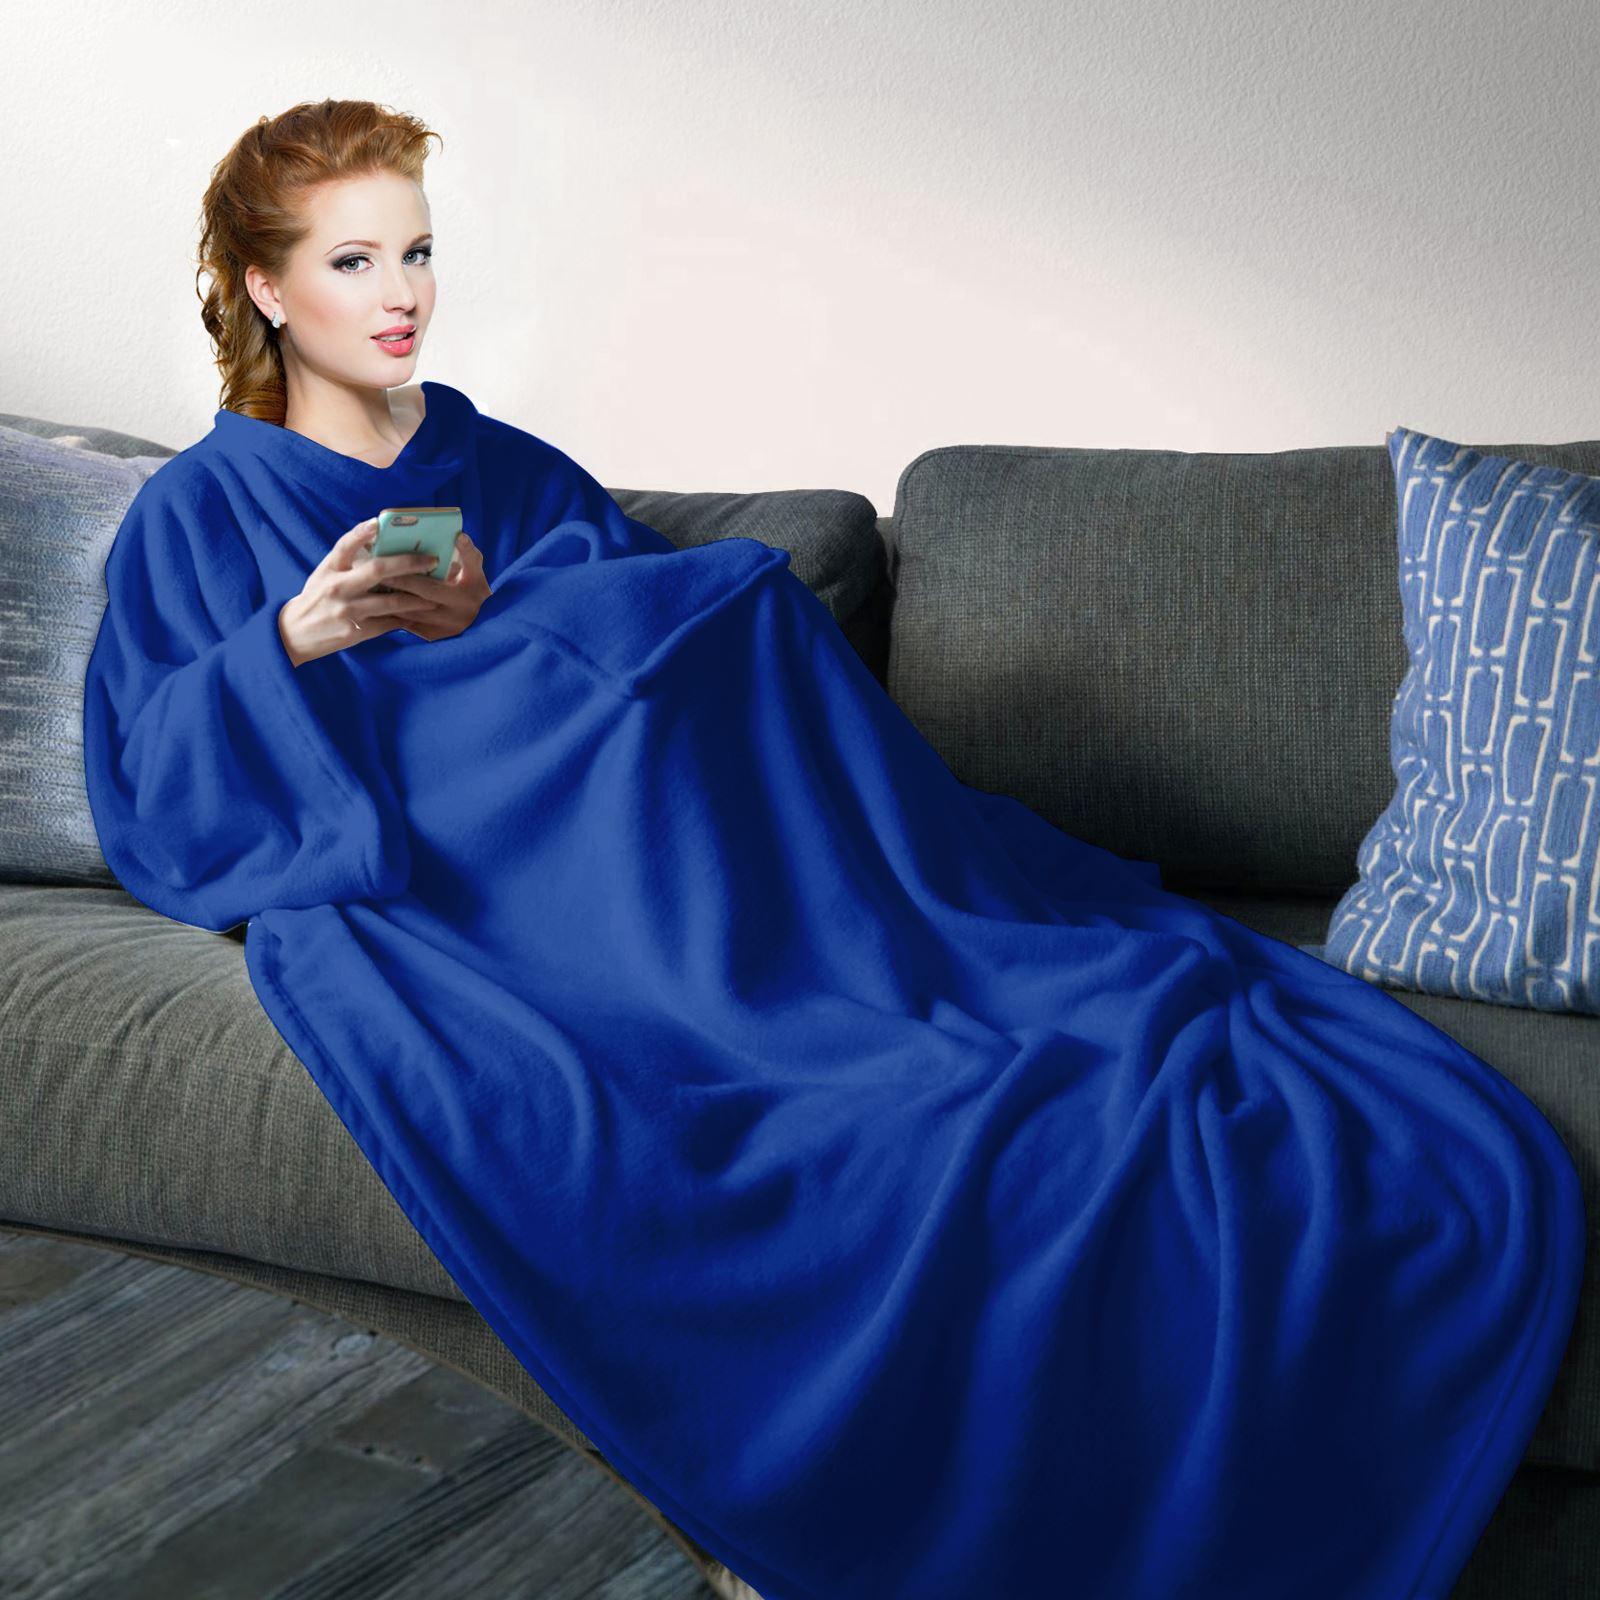 Snuggle Decke Mit ärmeln.Kuscheln Decke Snuggle Plusch Weich Fleece Wrap Mit Armel